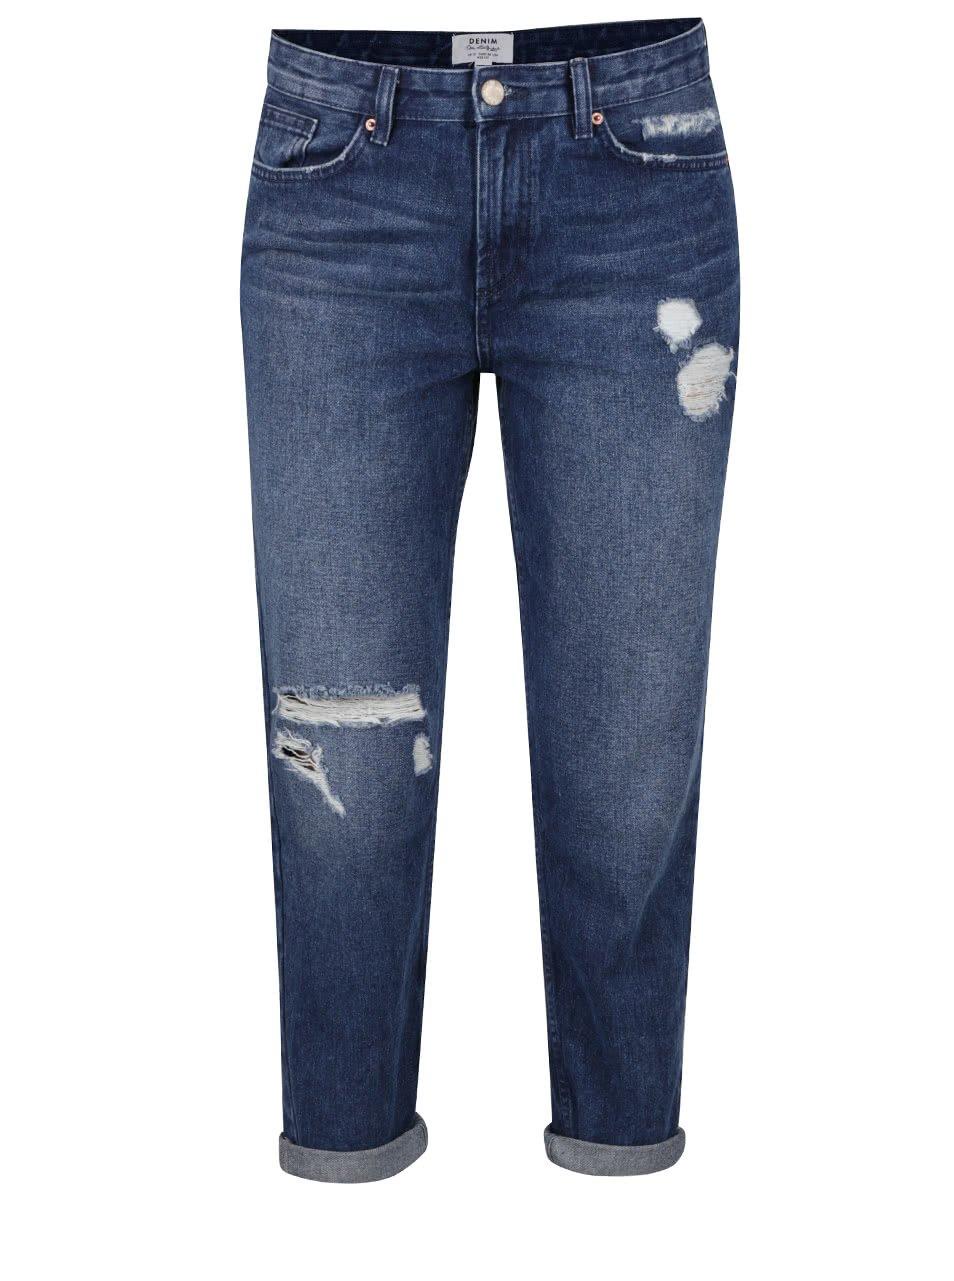 Tmavě modré zkrácené džíny s potrhaným efektem Miss Selfridge